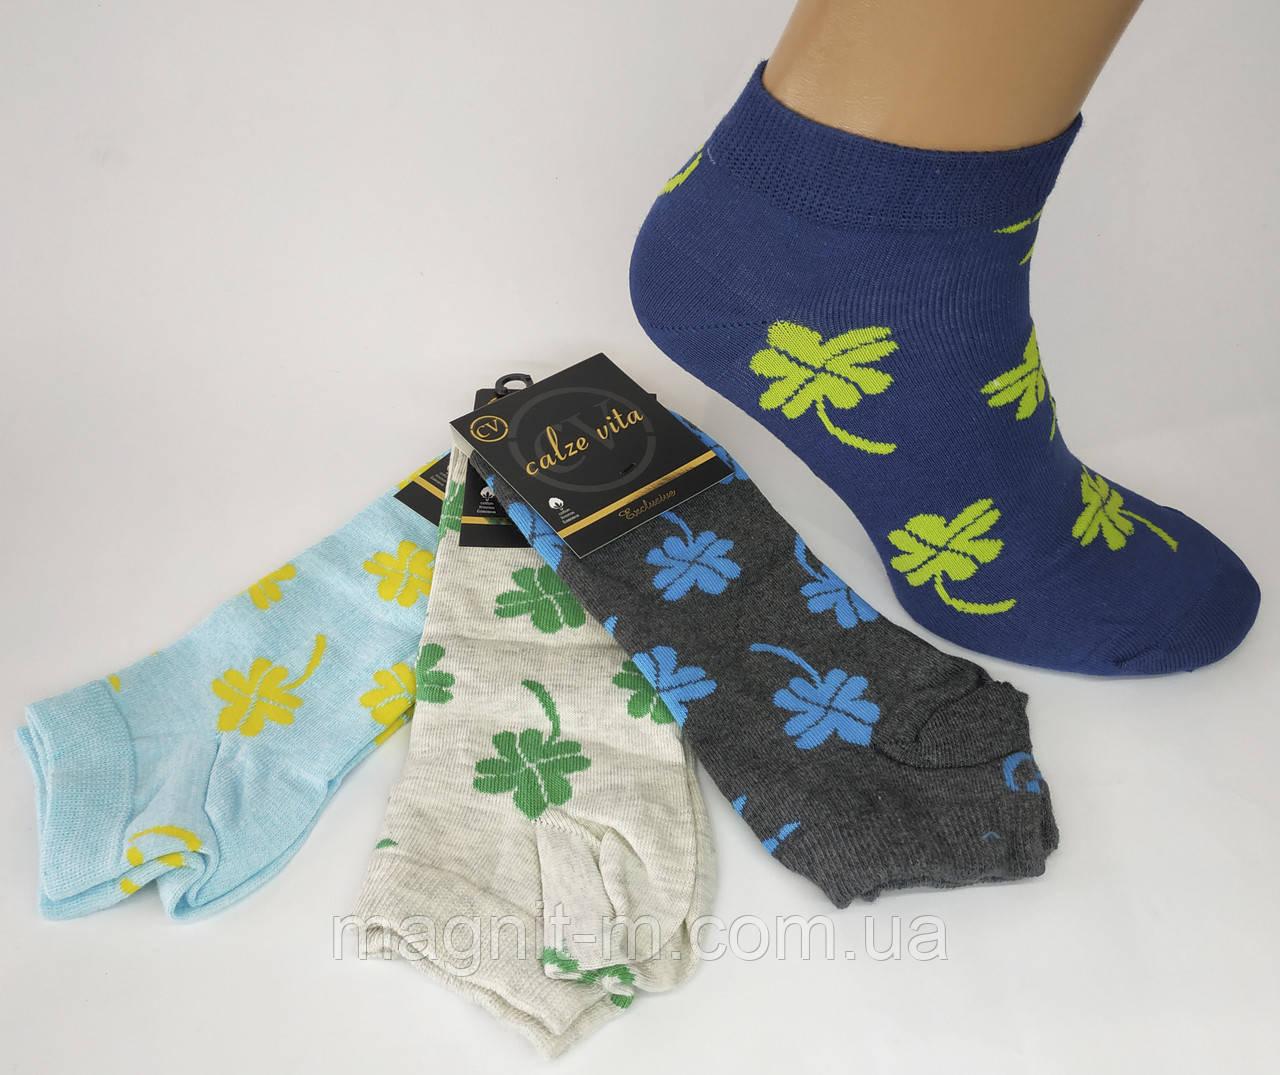 """Молодежные укороченные хлопковые носки """"Calze Vita"""". Турция. №1518."""